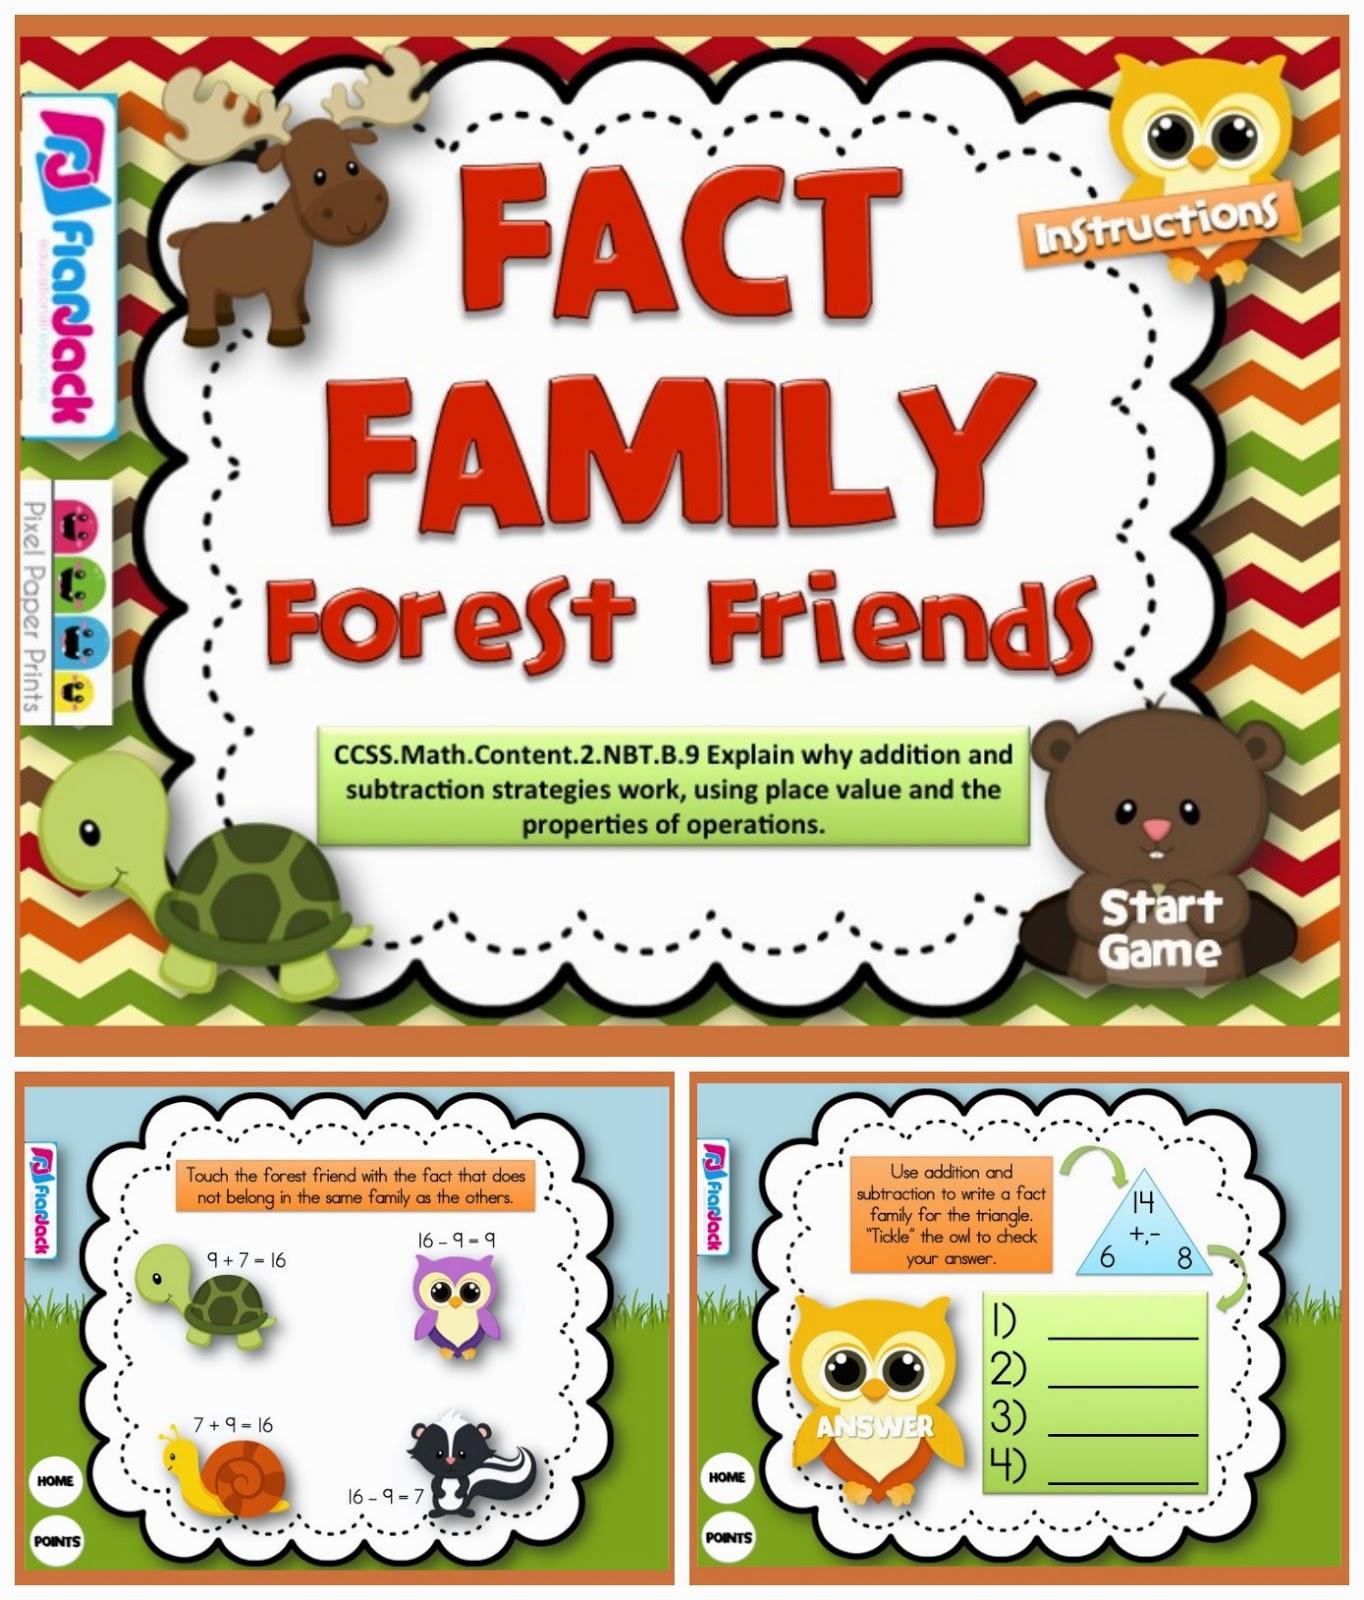 http://www.teacherspayteachers.com/Product/Fact-Family-Forest-Friends-Smart-Board-Game-CCSS2NBTB9-1232742